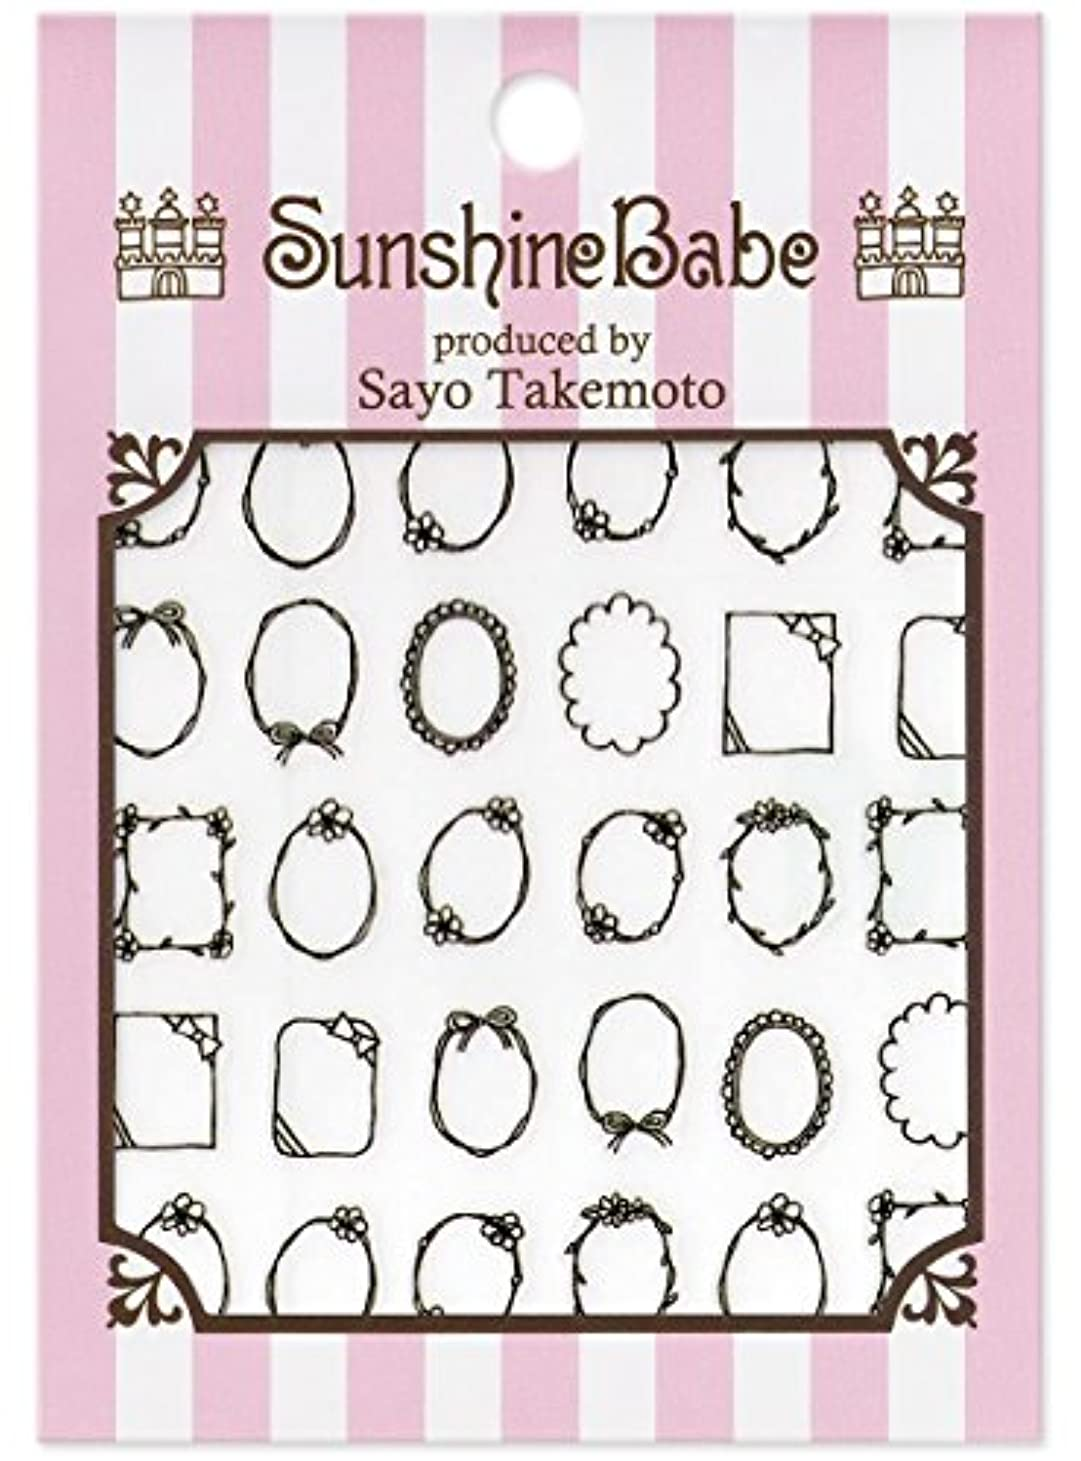 ベリーシャックルはねかけるサンシャインベビー ネイルシール 武本小夜の Sayo Style 手描きフレーム(ブラック)